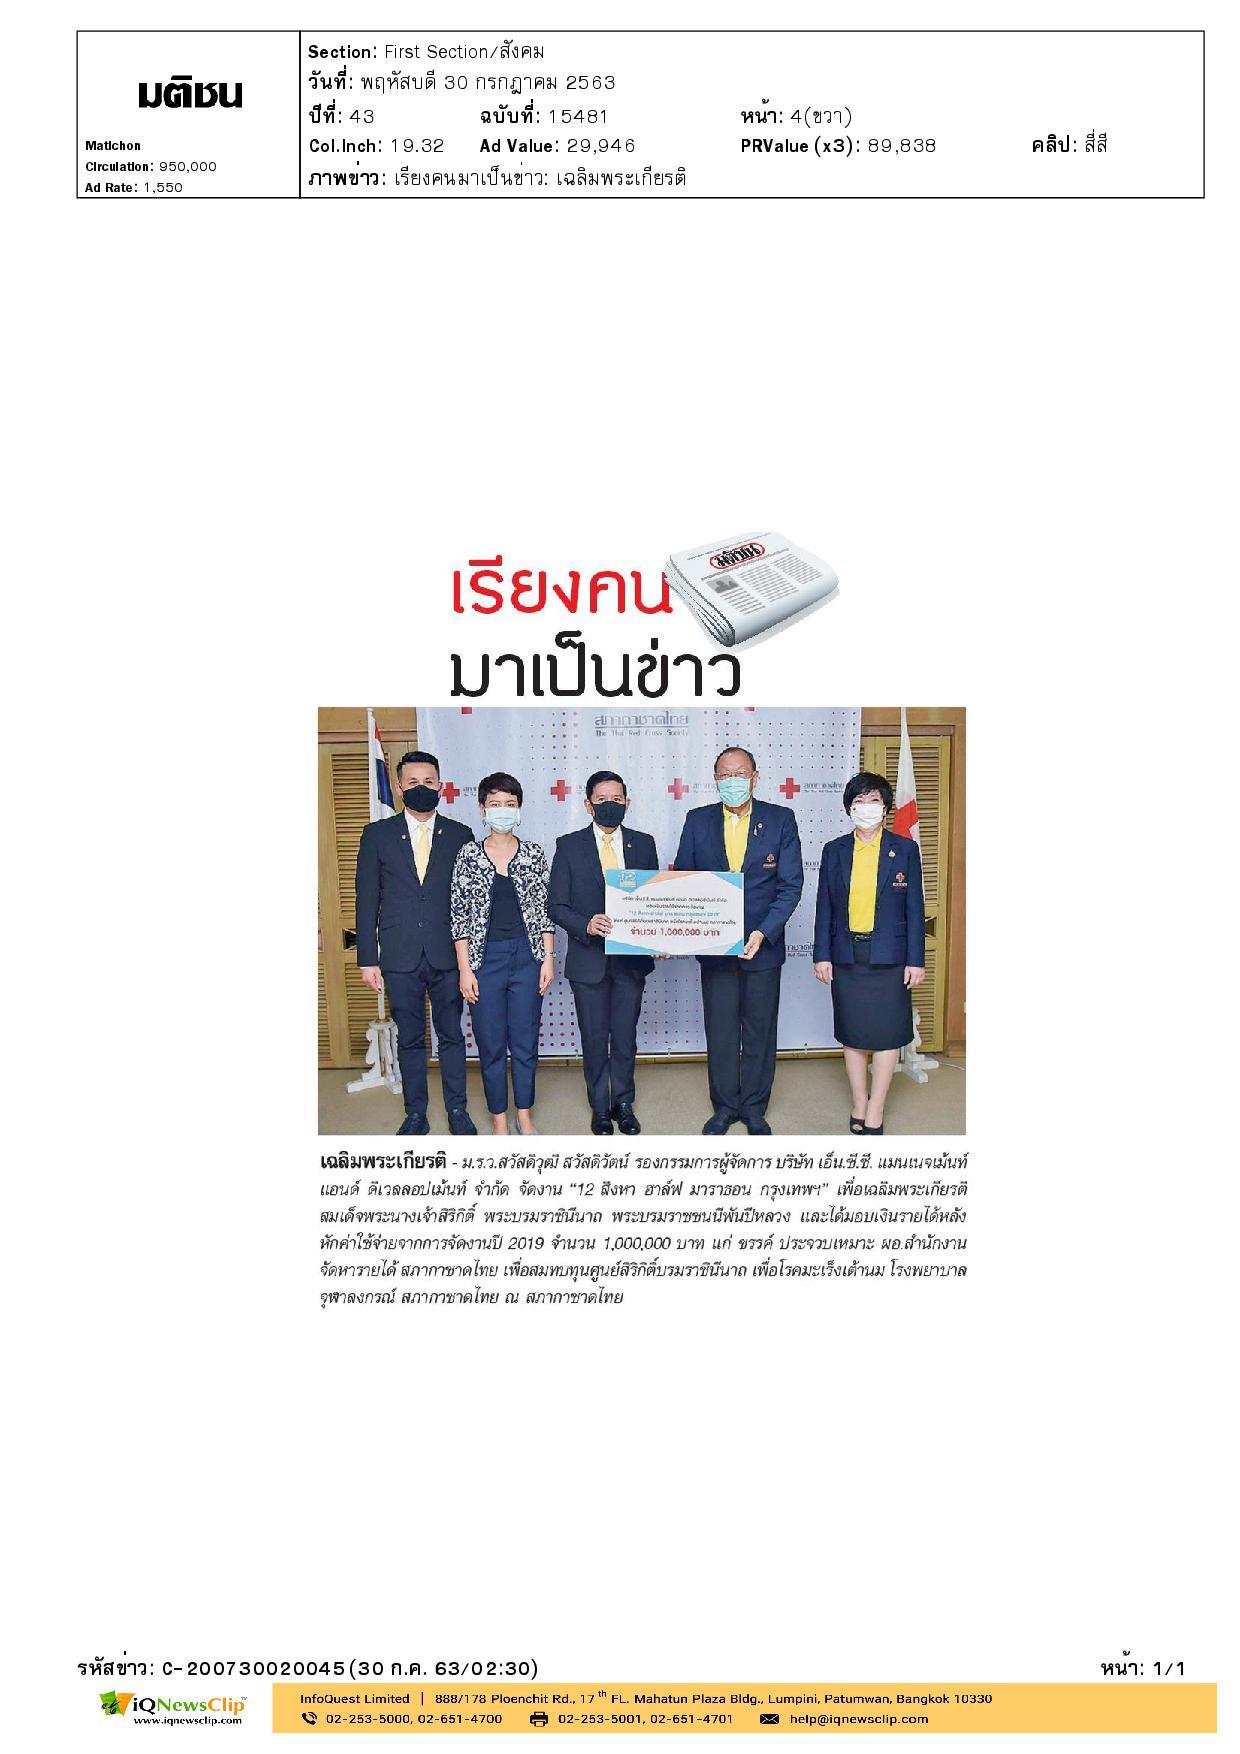 รายได้หลังหักค่าใช้จ่ายจัดงาน 12 สิงหา ฮาล์ฟ มาราธอน กรุงเทพฯ 2019